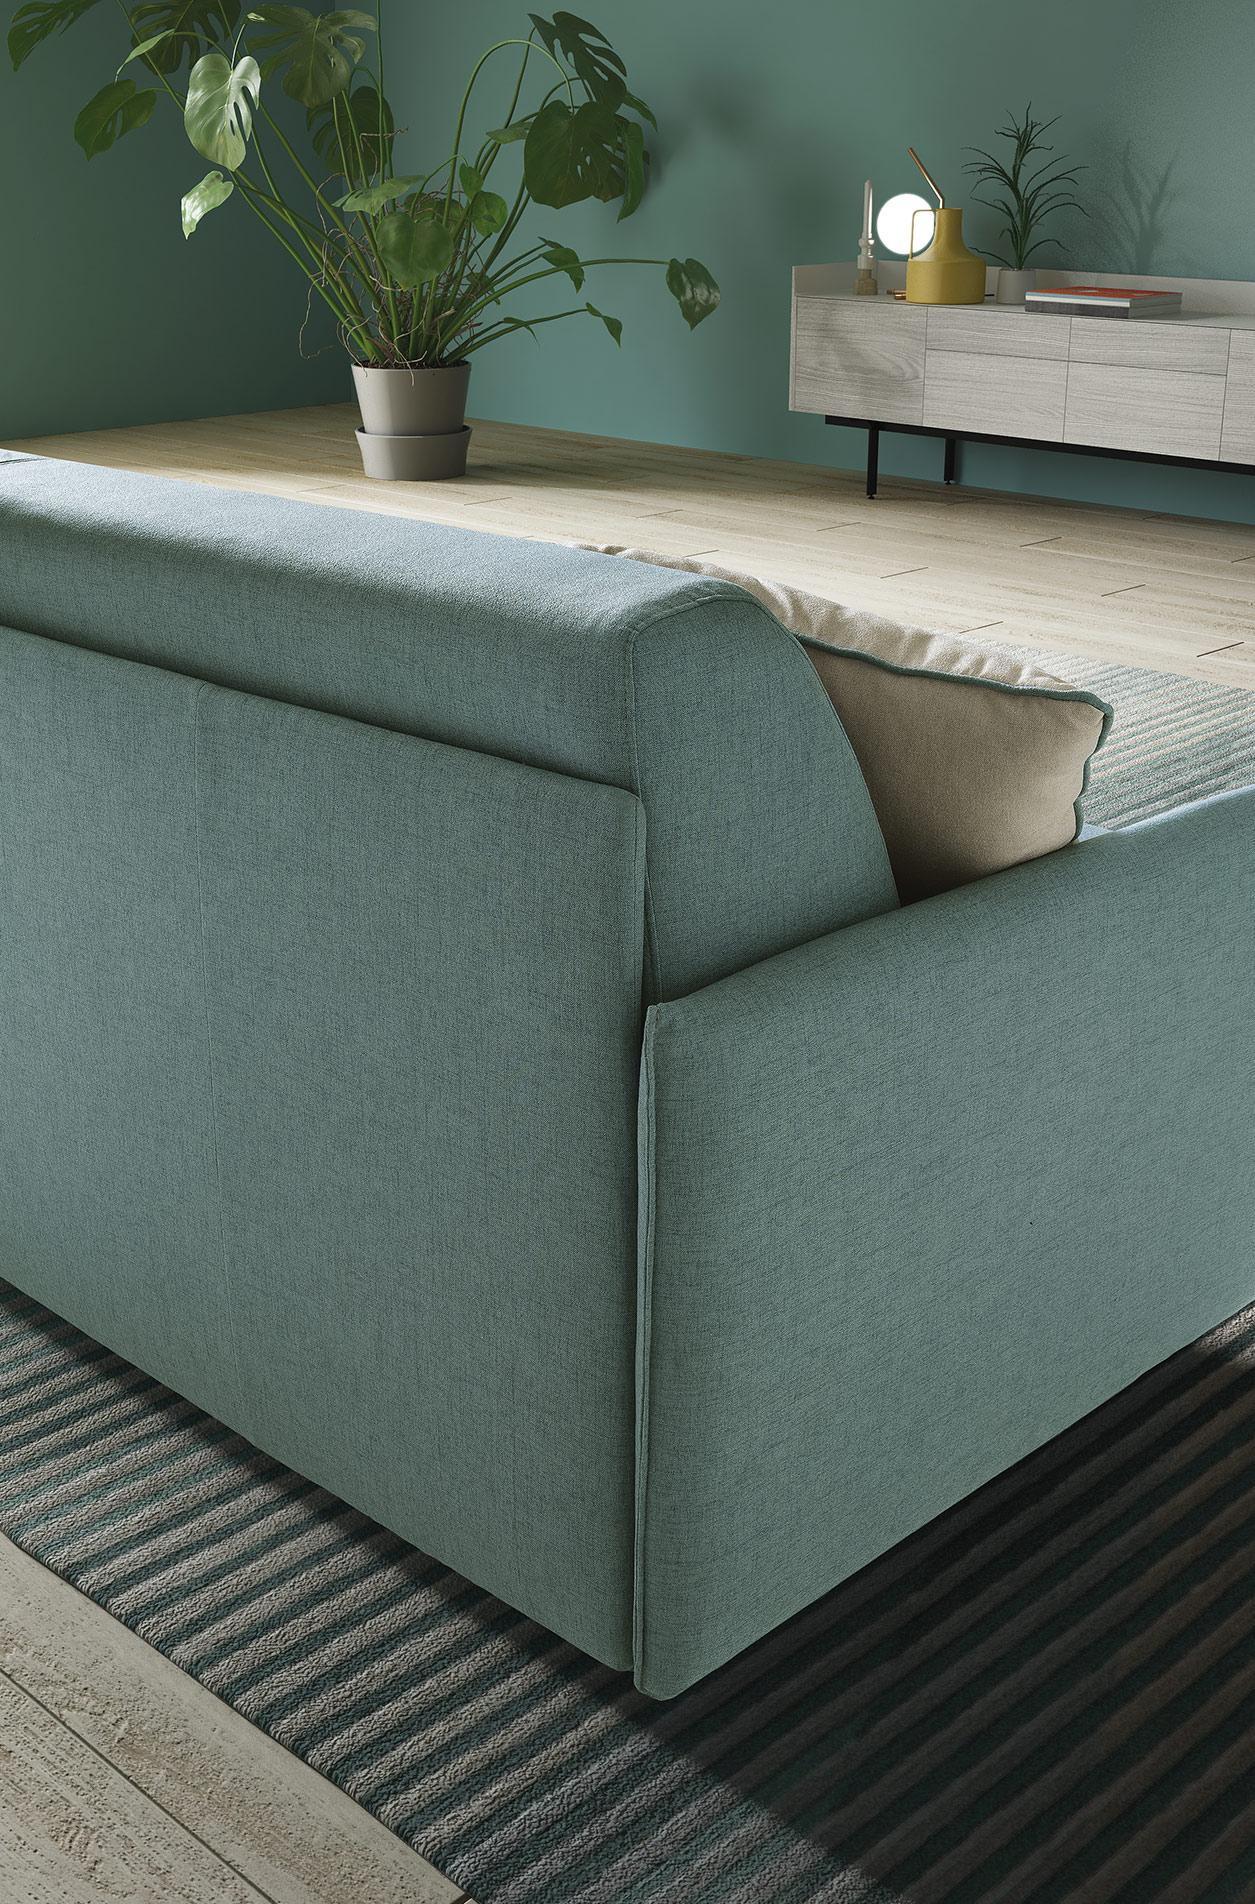 Sofa Naxos mit Bettfunktion | Exklusive Möbel von WohnKlusiv